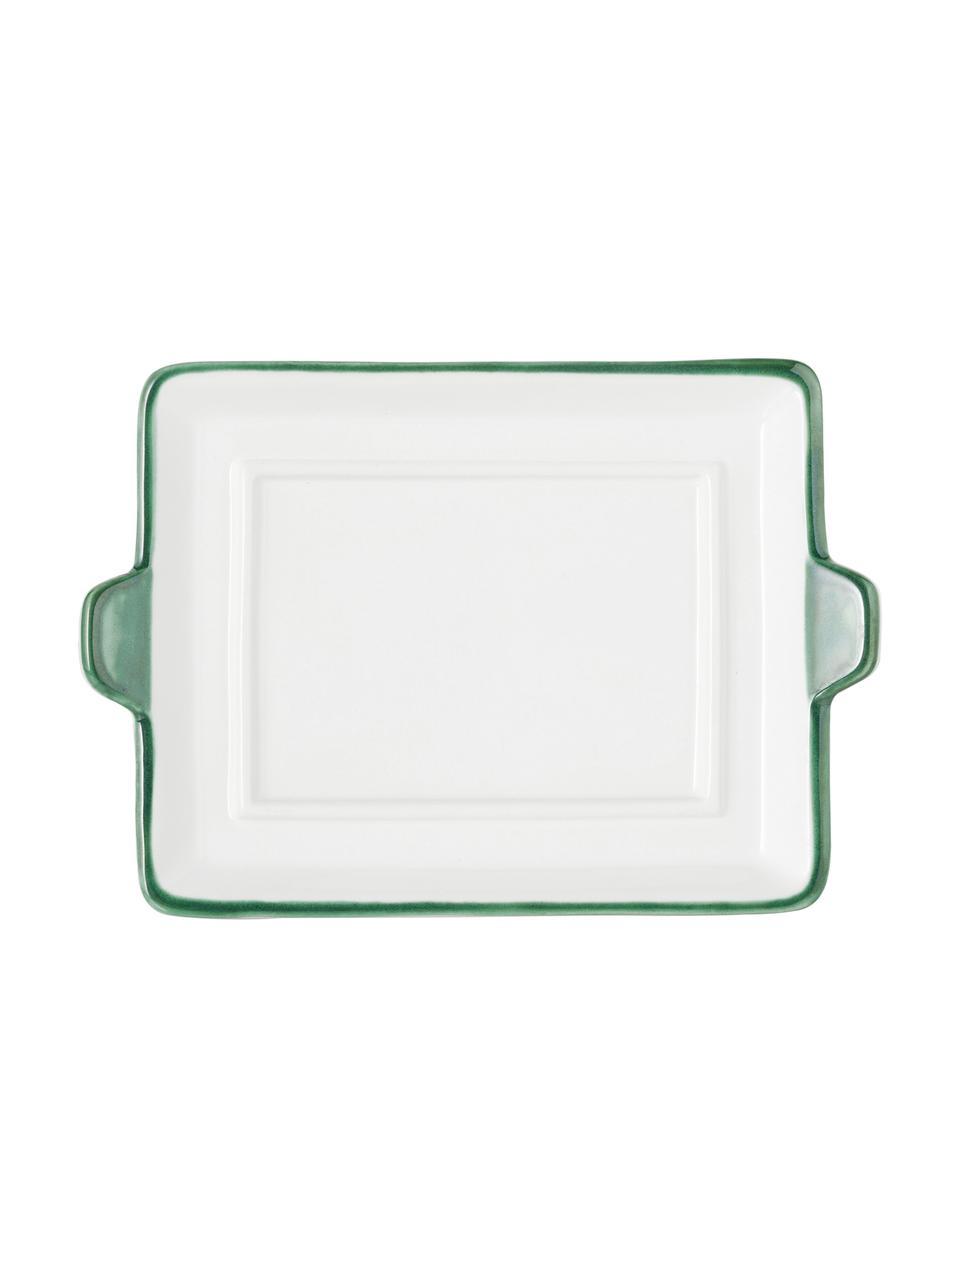 Handbemalte Butterdose Grüner Hirsch, Keramik, Grün,Weiß, 18 x 6 cm